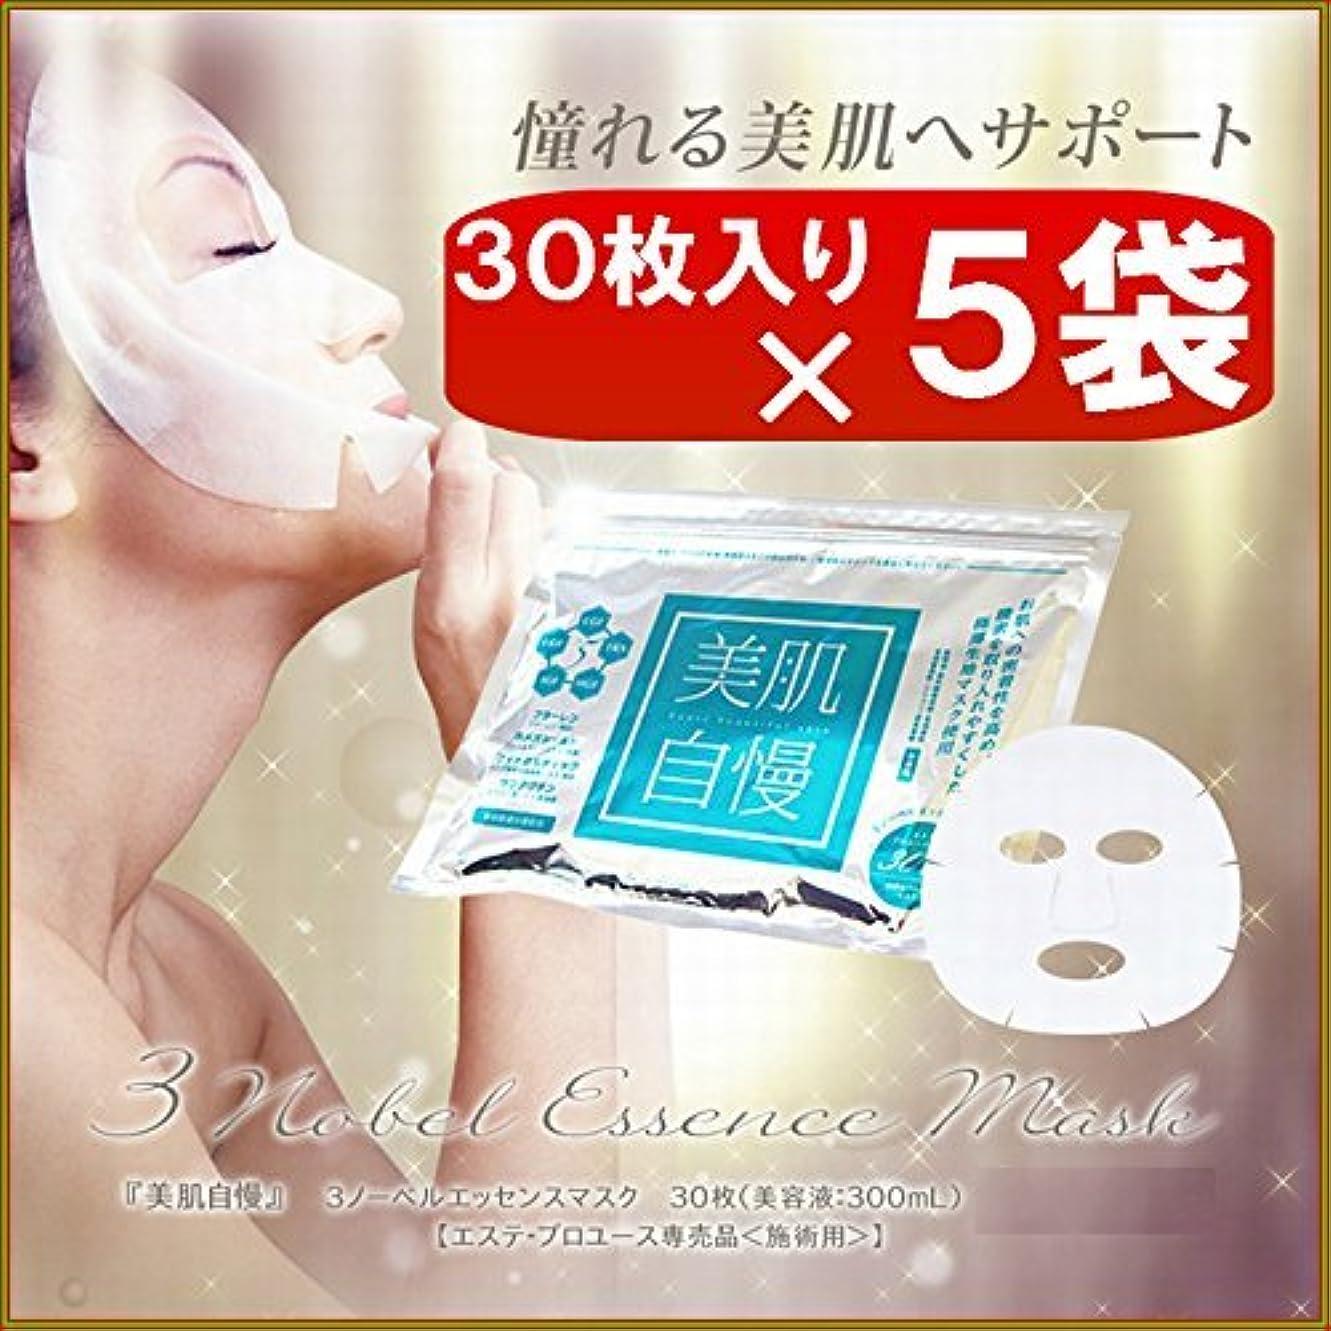 驚いたことに頑張る死にかけている美肌自慢フェイスマスク 30枚入り ×超お得5袋セット 《エッセンスマスク、EGF、IGF、ヒアルロン酸、プラセンタ、アルブチン、カタツムリエキス、しみ、しわ》